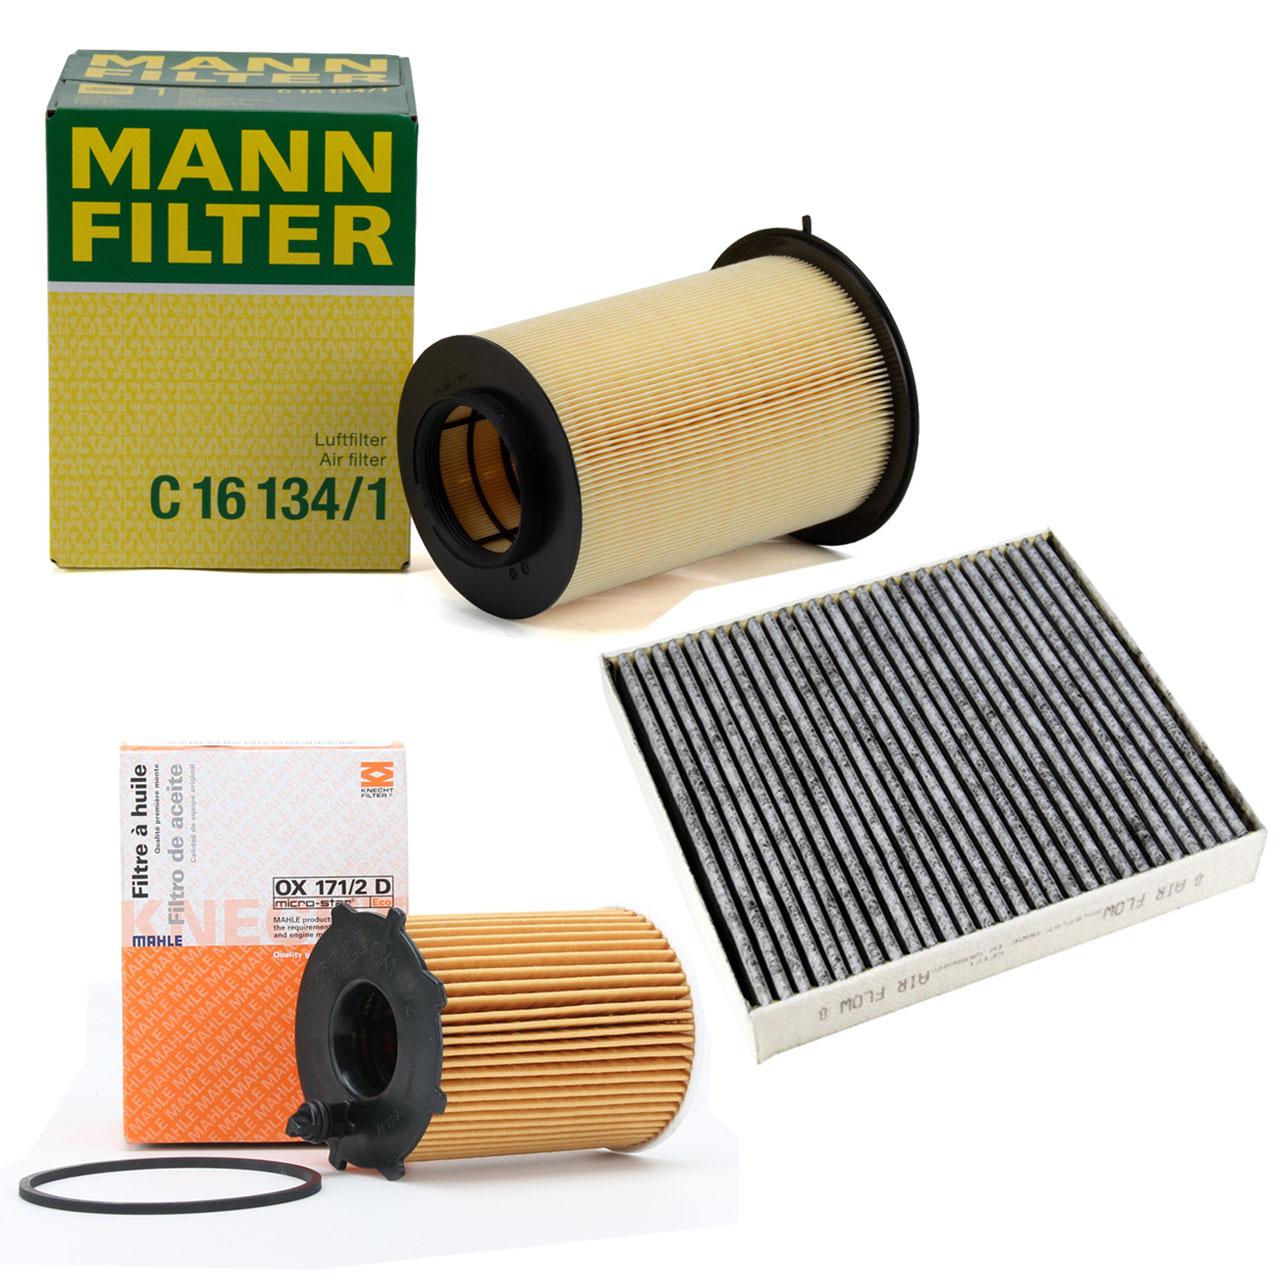 Inspektionskit Filterpaket FORD C-Max DM2 1.6 TDCi 90 / 101 / 109 PS